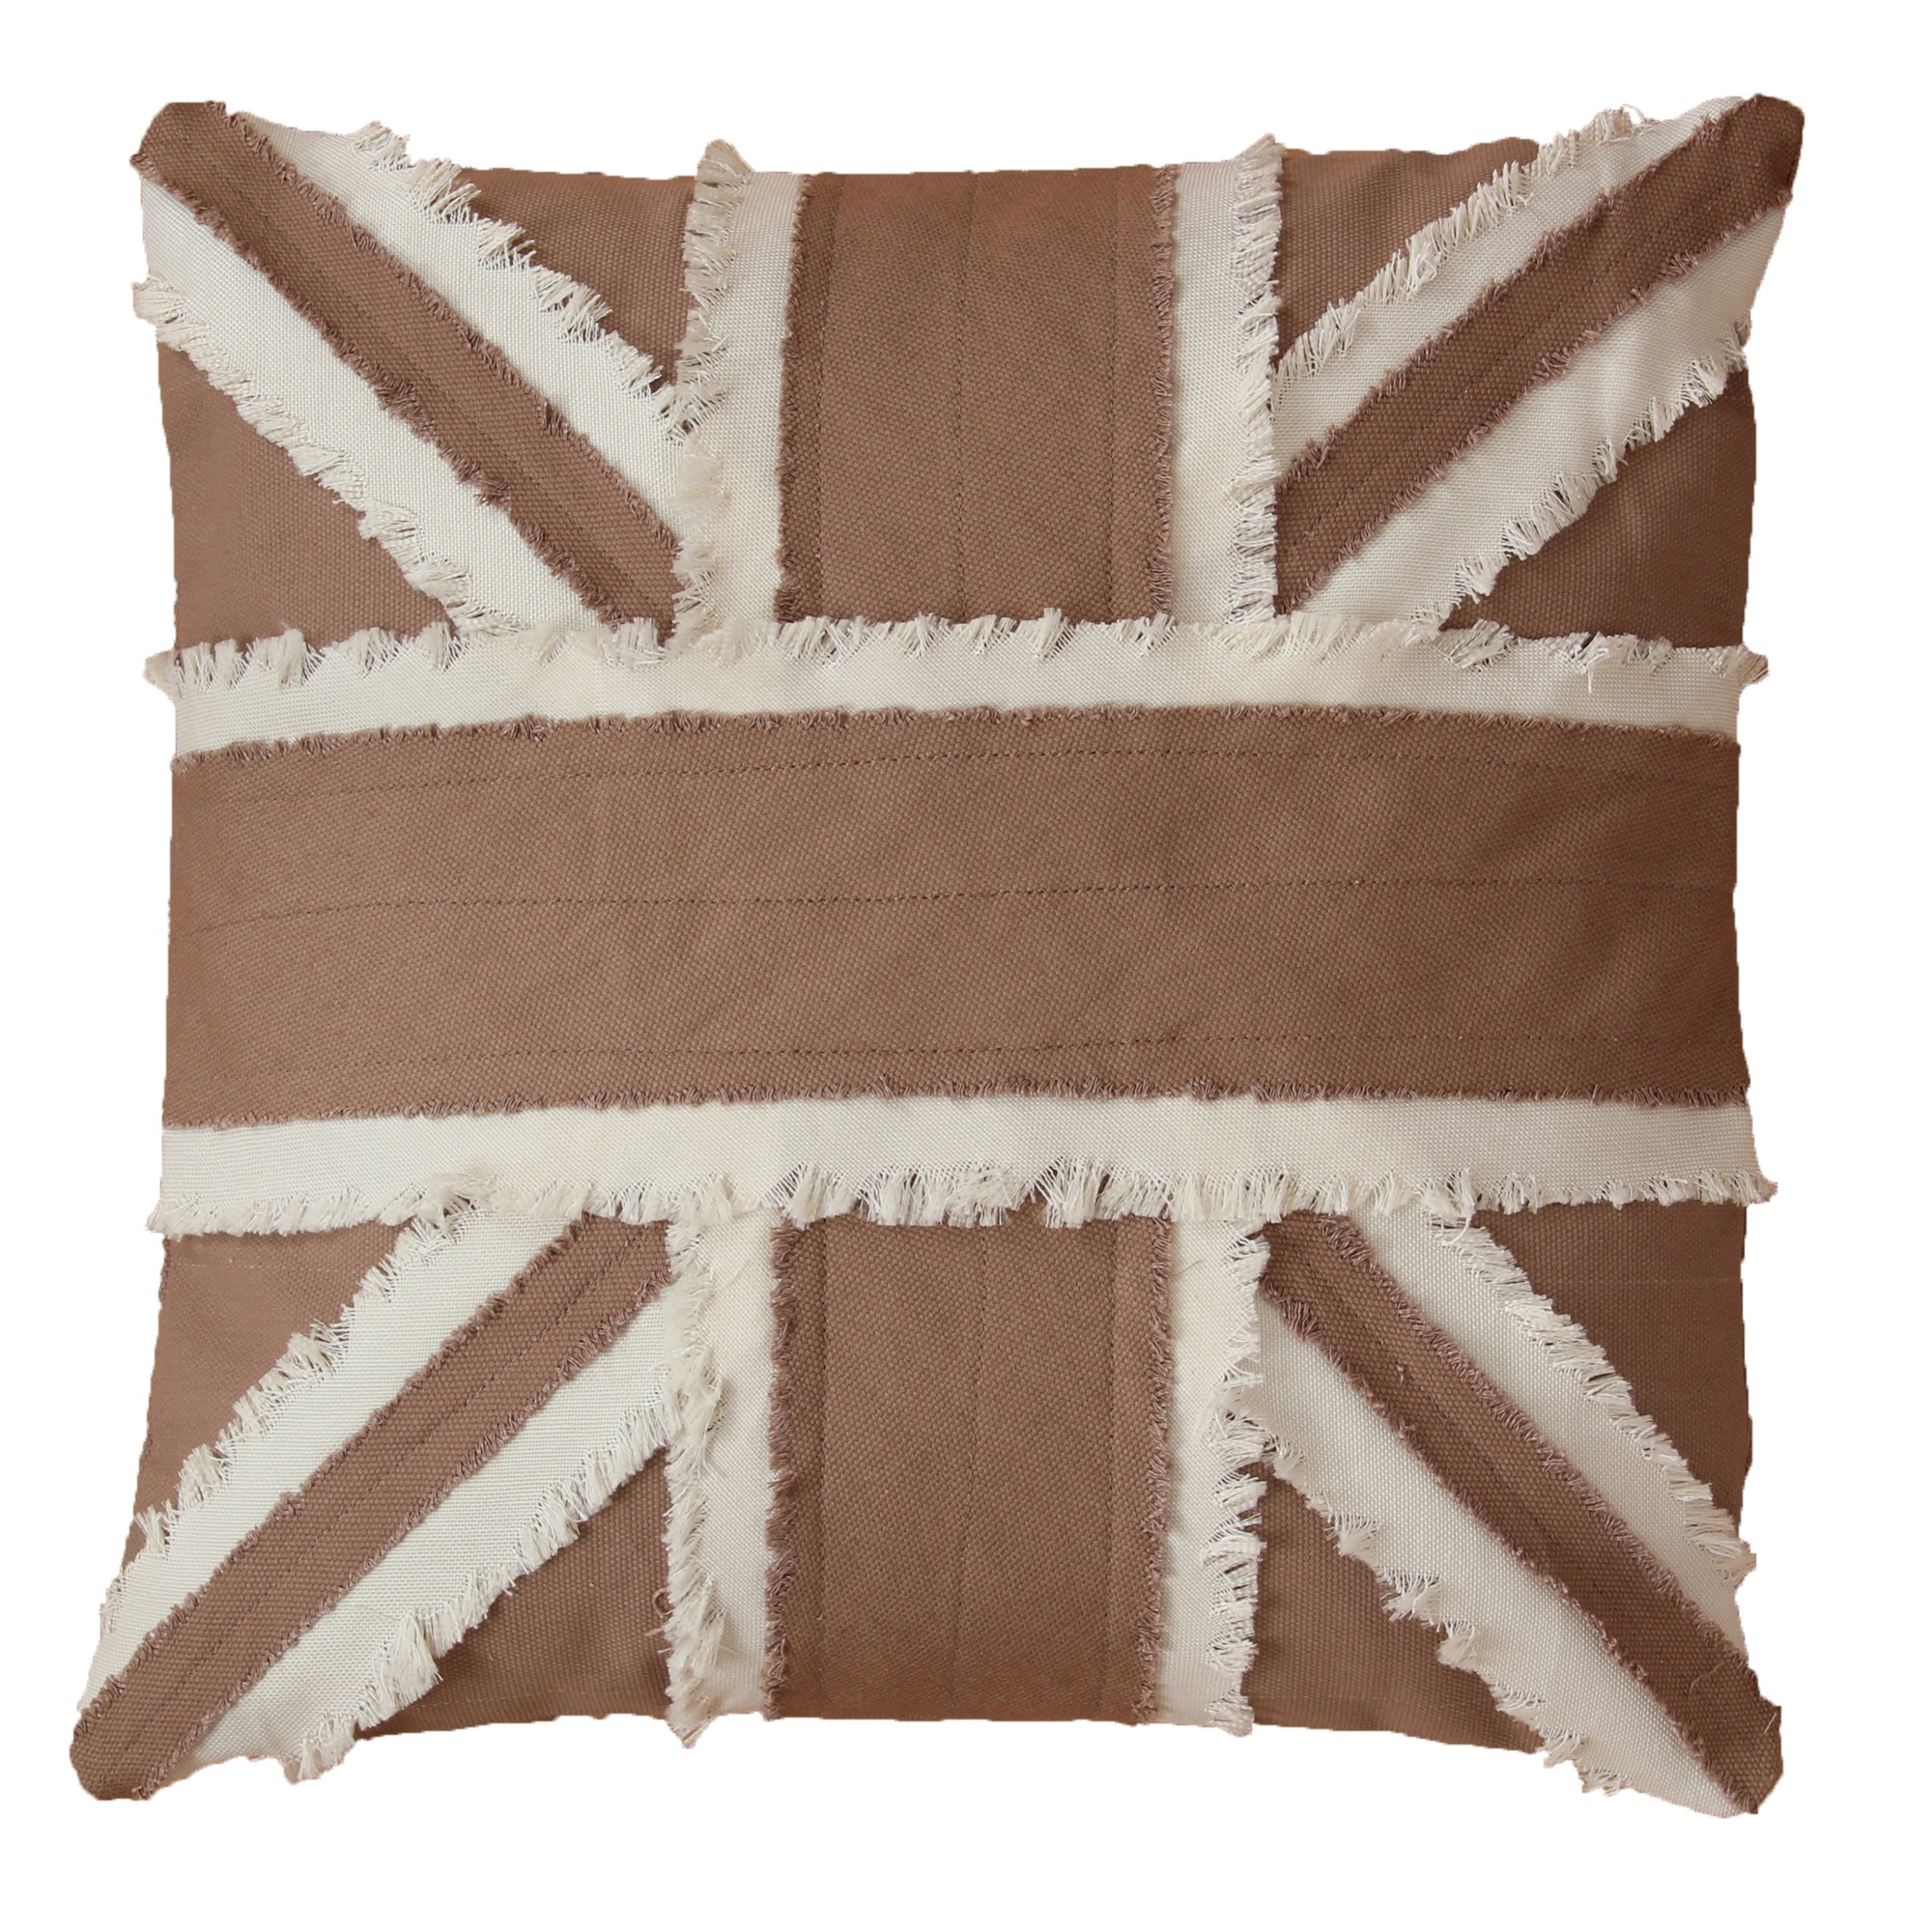 baumwolle kissenh lle englische flagge 40x40 und 50x50 cm. Black Bedroom Furniture Sets. Home Design Ideas